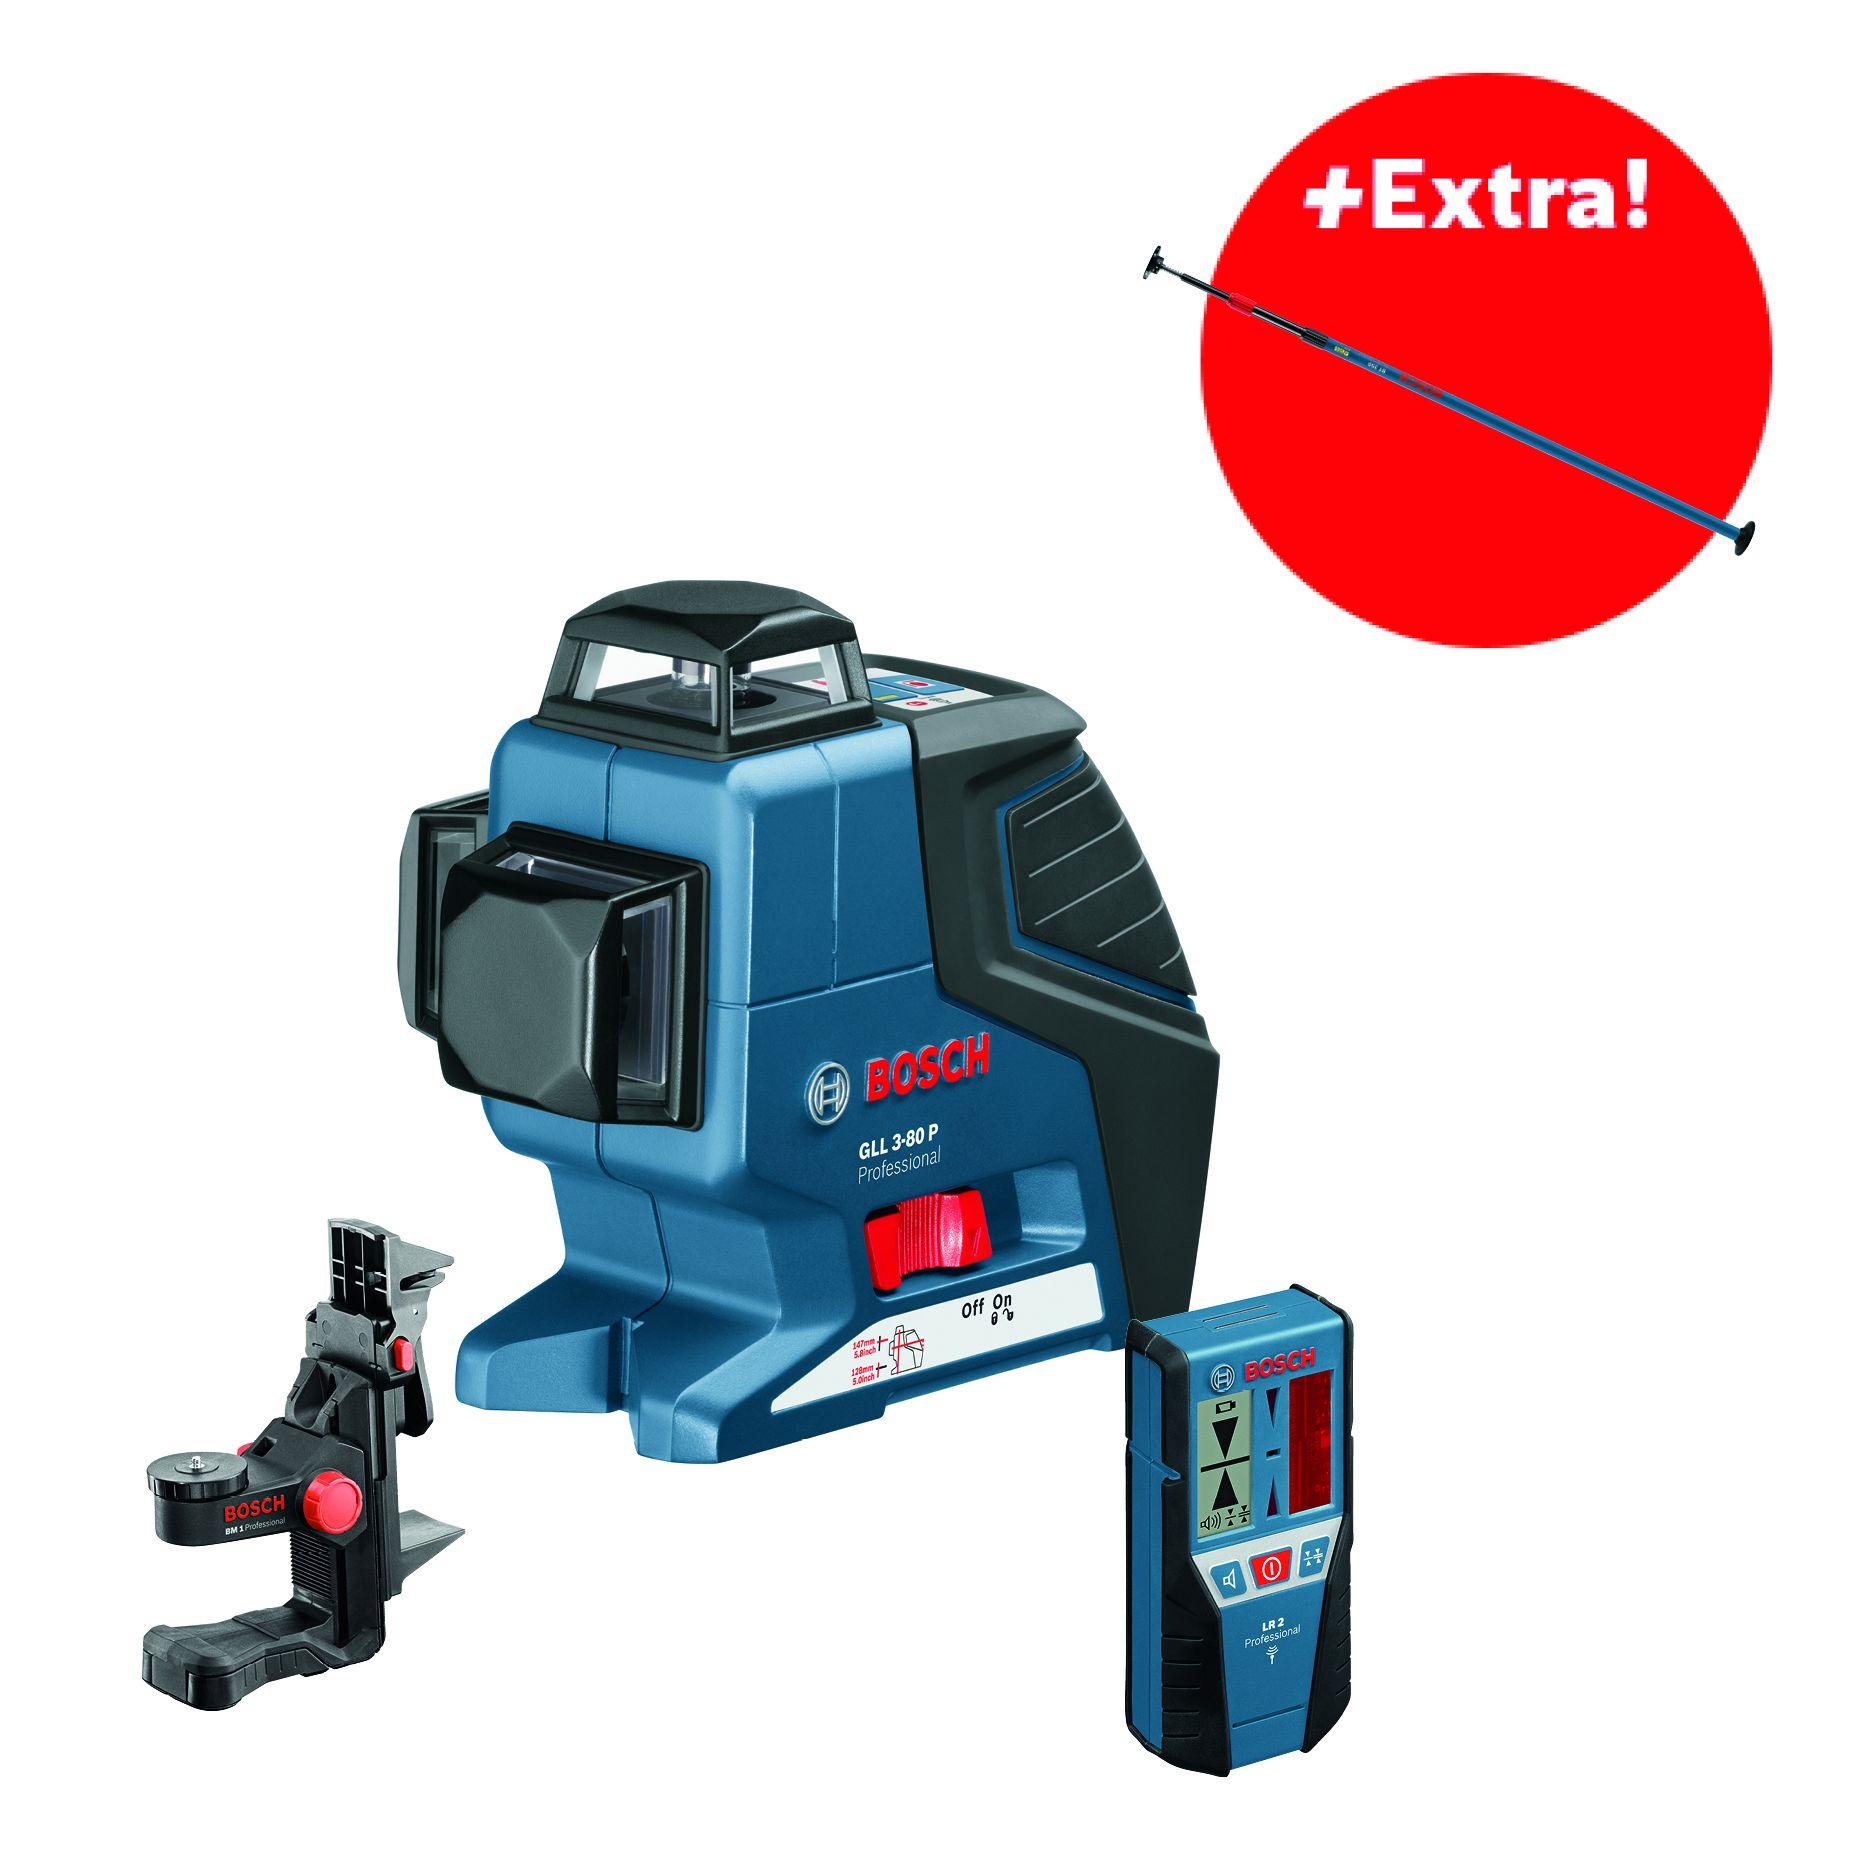 Křížový laser Bosch GLL 3-80P Professional + držák BM 1, přijímač LR 2, L-Boxx 136, stativ